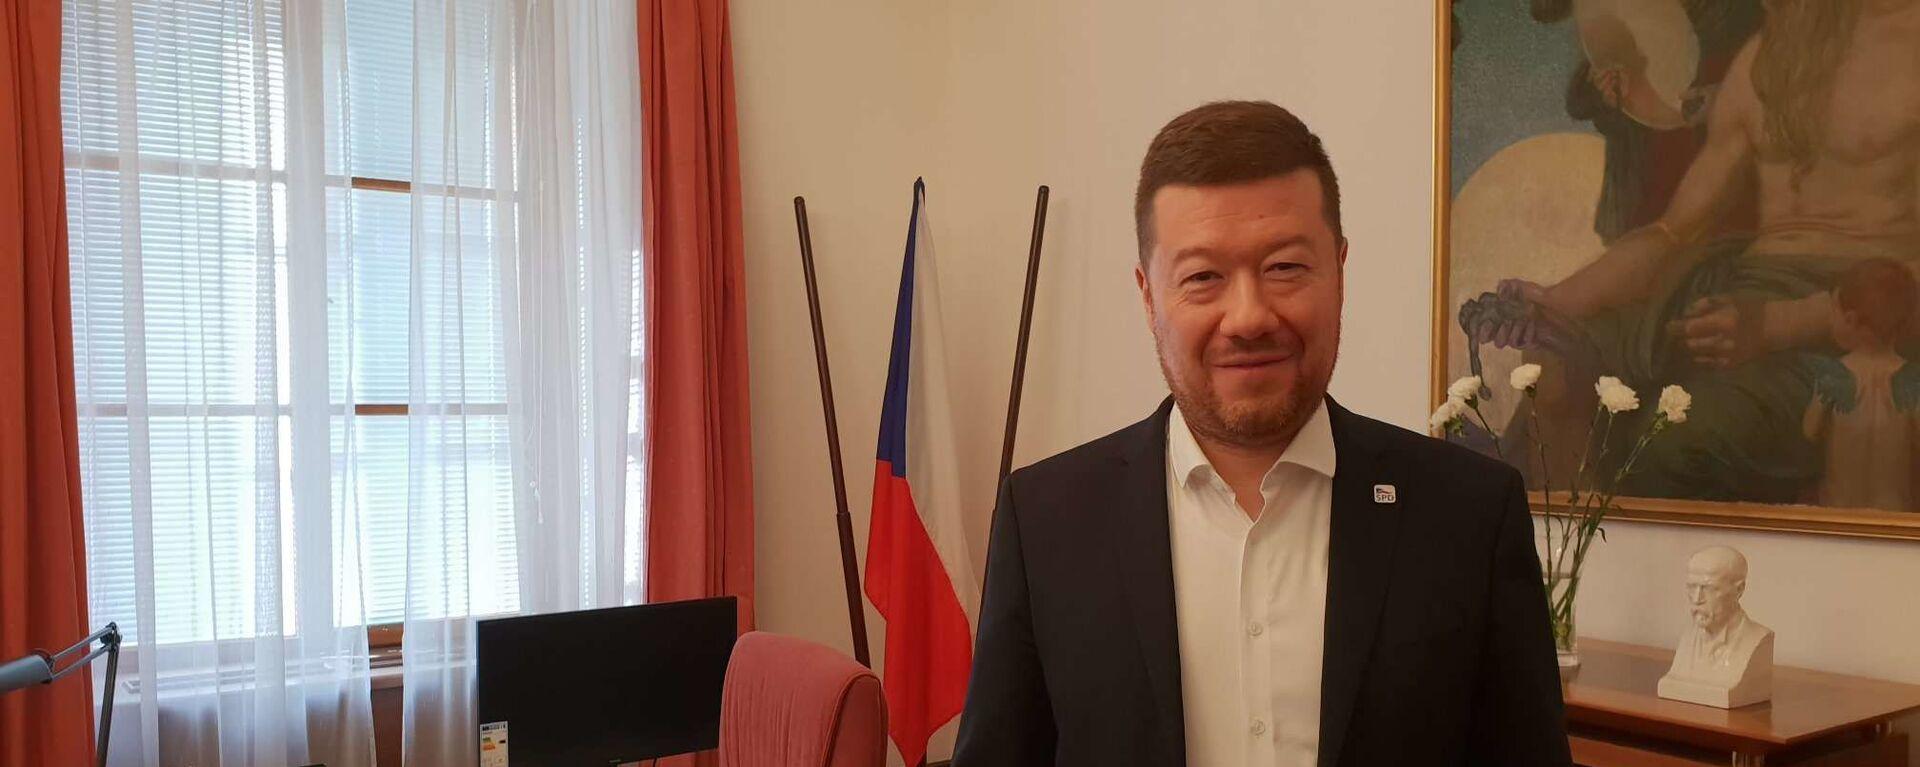 Předseda hnutí SPD Tomio Okamura - Sputnik Česká republika, 1920, 14.04.2021